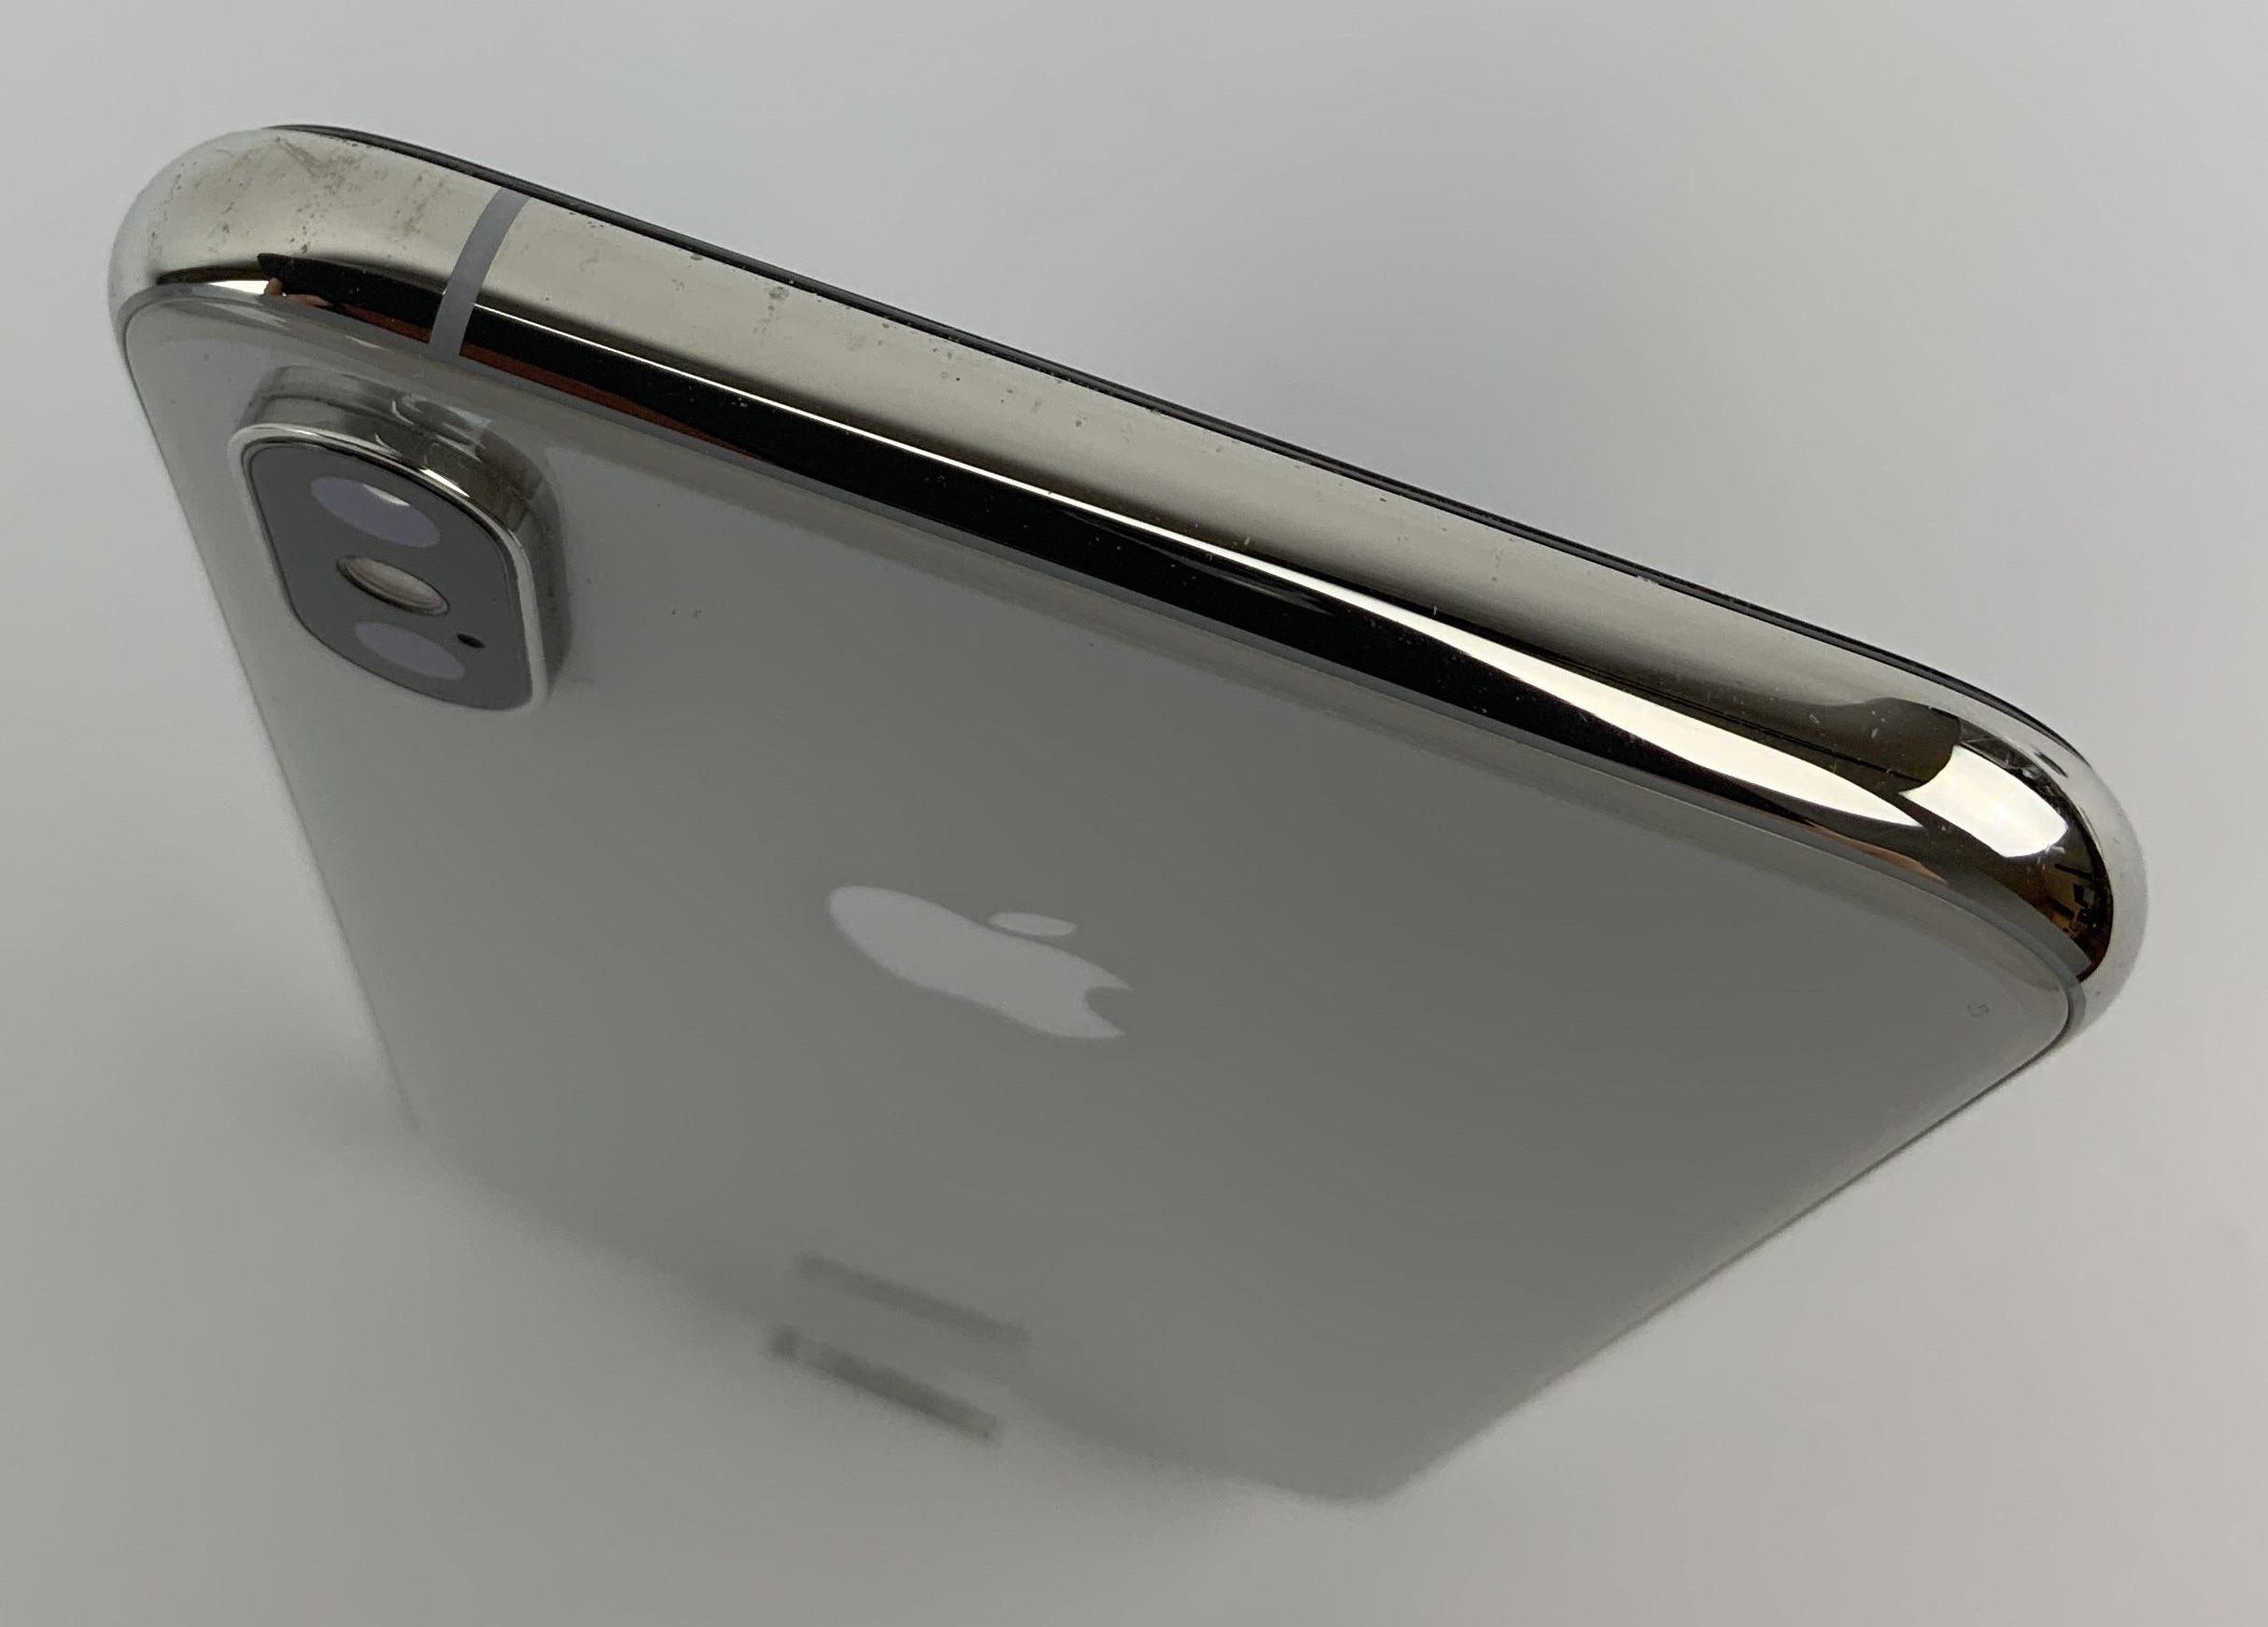 iPhone XS 64GB, 64GB, Silver, obraz 3